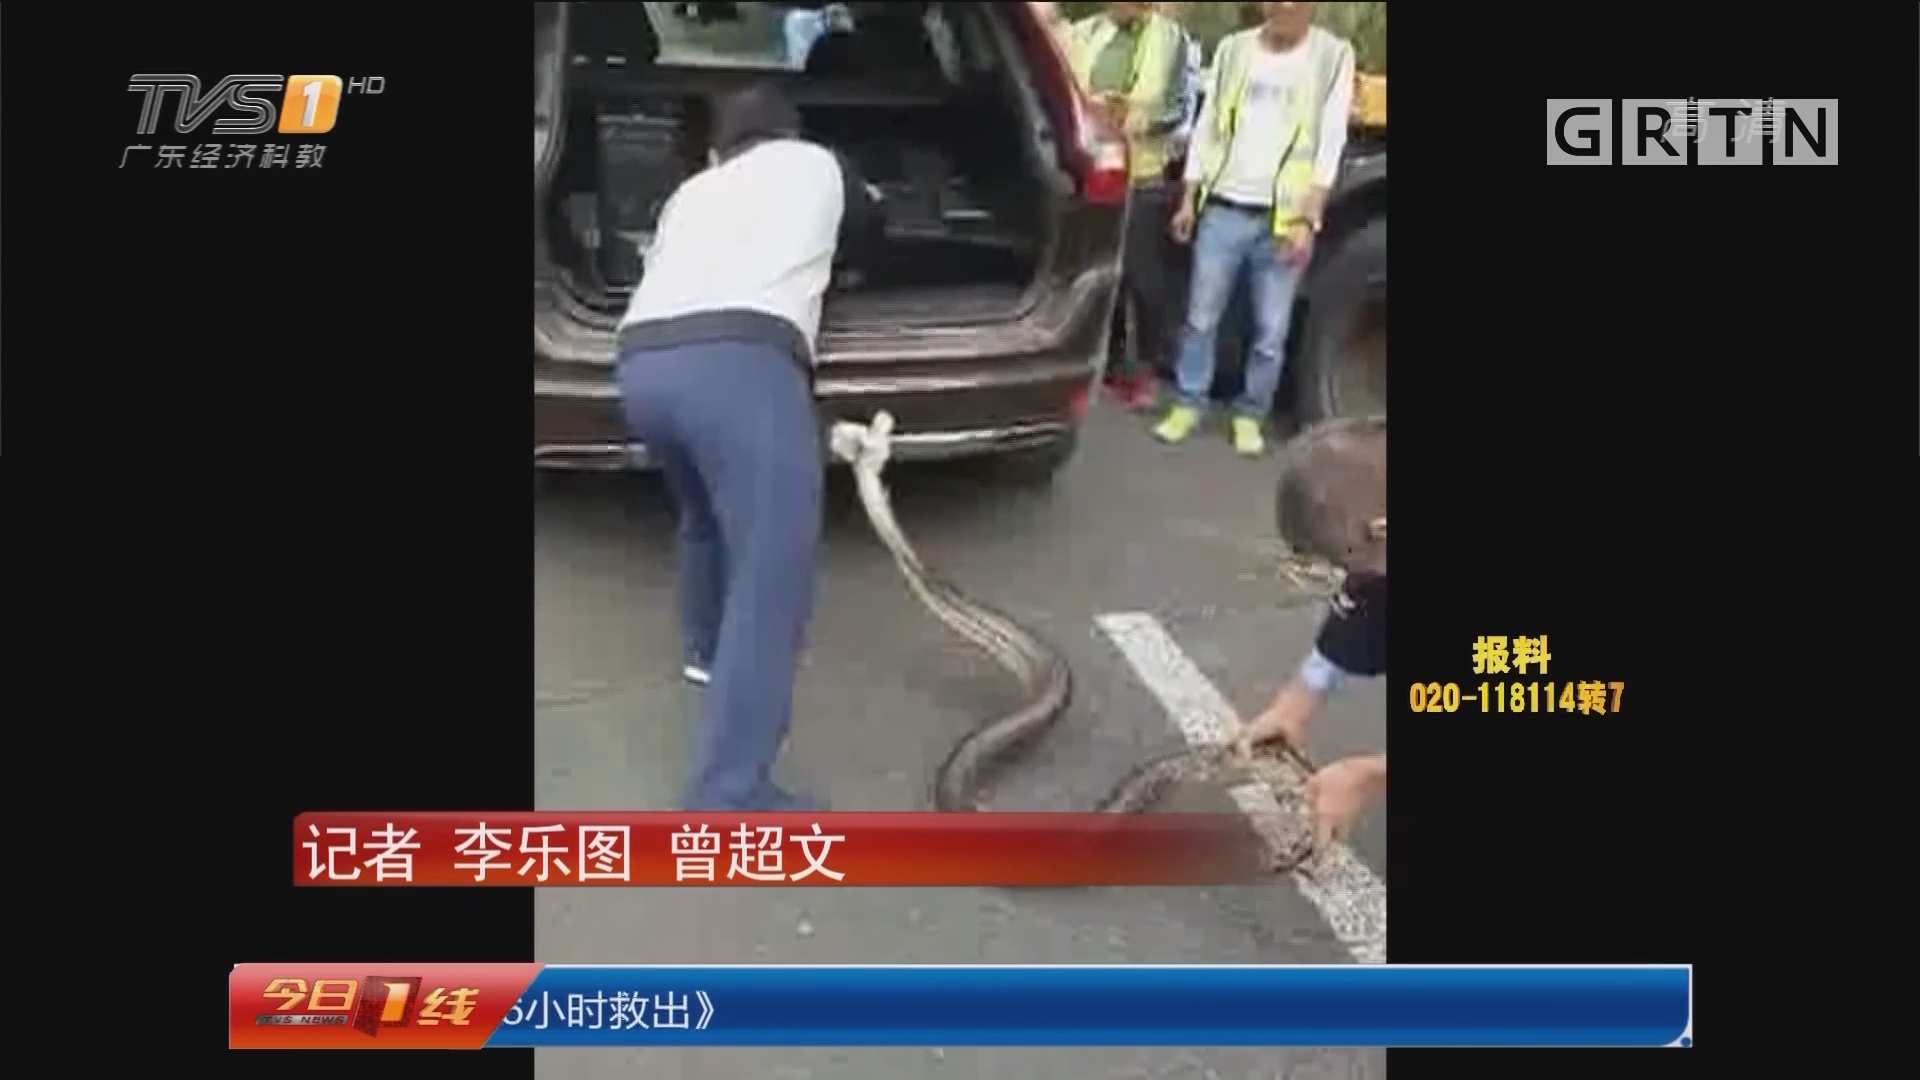 深圳南山:蟒蛇出洞晒太阳 警民合力抓捕